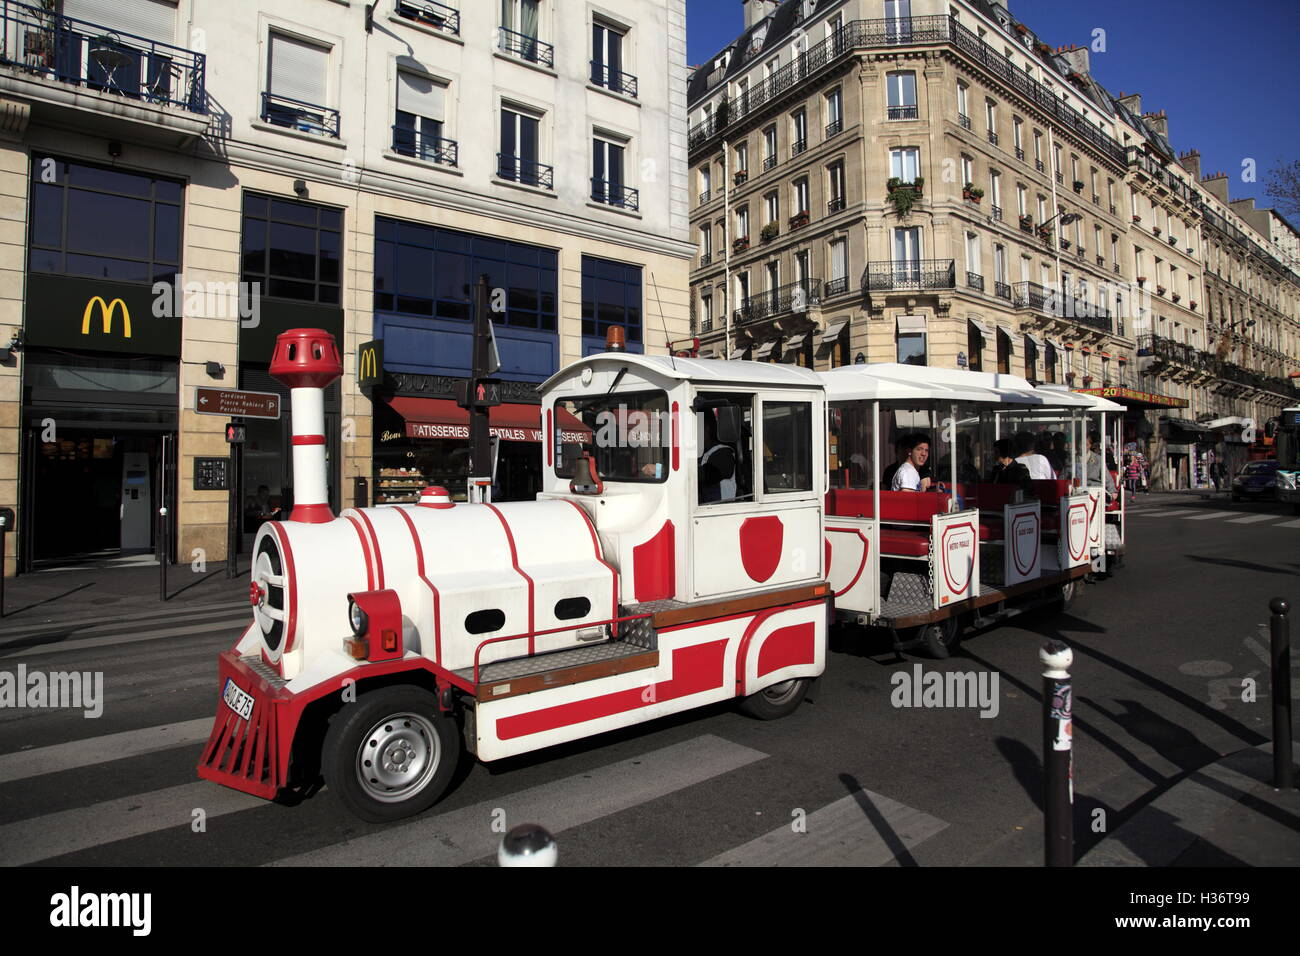 The tourist train Le Petit Train de Montmartre (the little train of Montmartre) at Montmartre district. Paris. France - Stock Image